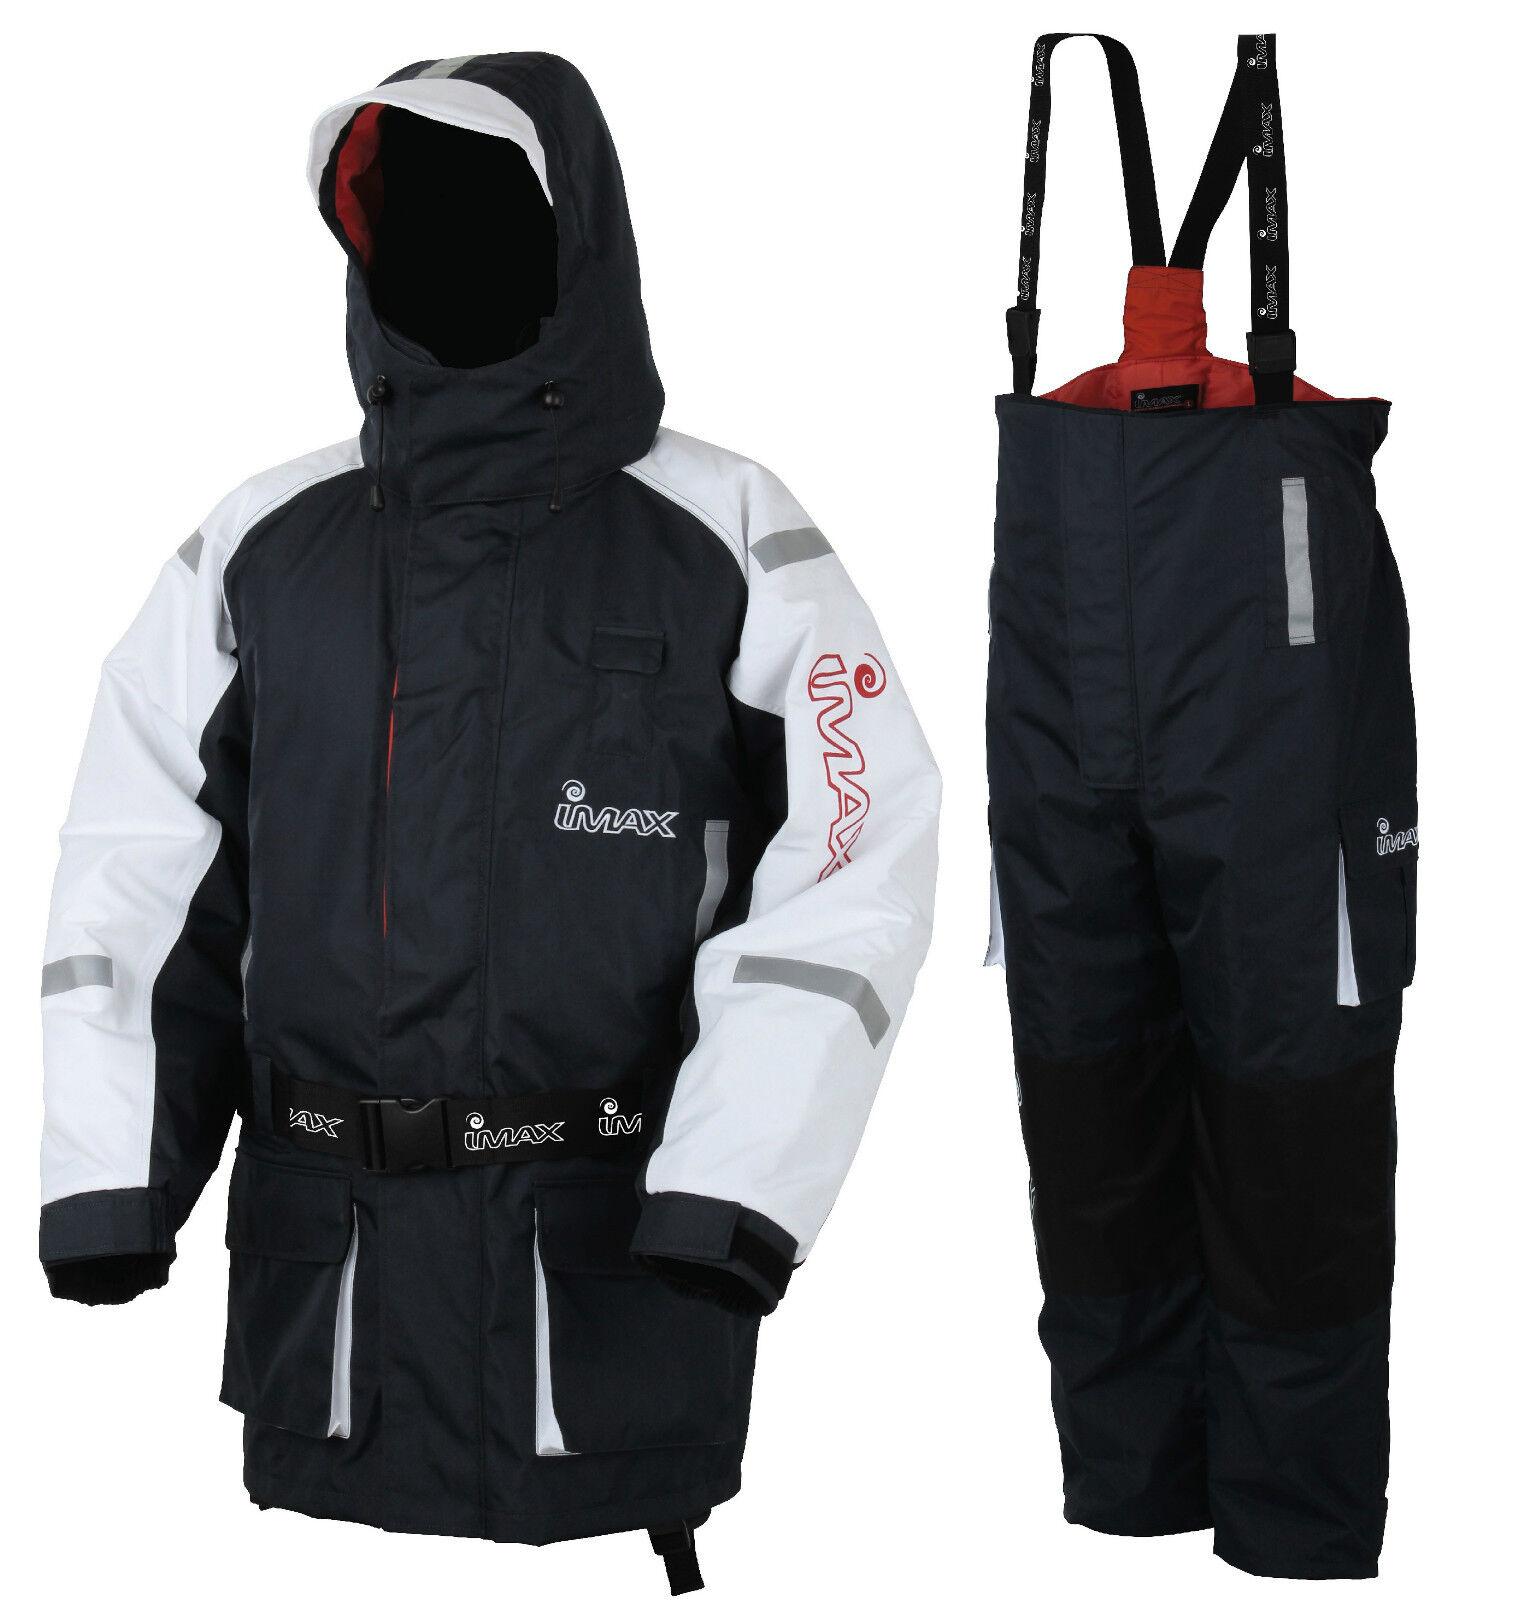 IMAX Coastfloat Floatation Suit 2-Teiler Floatinganzug Schwimmanzug Coast Float